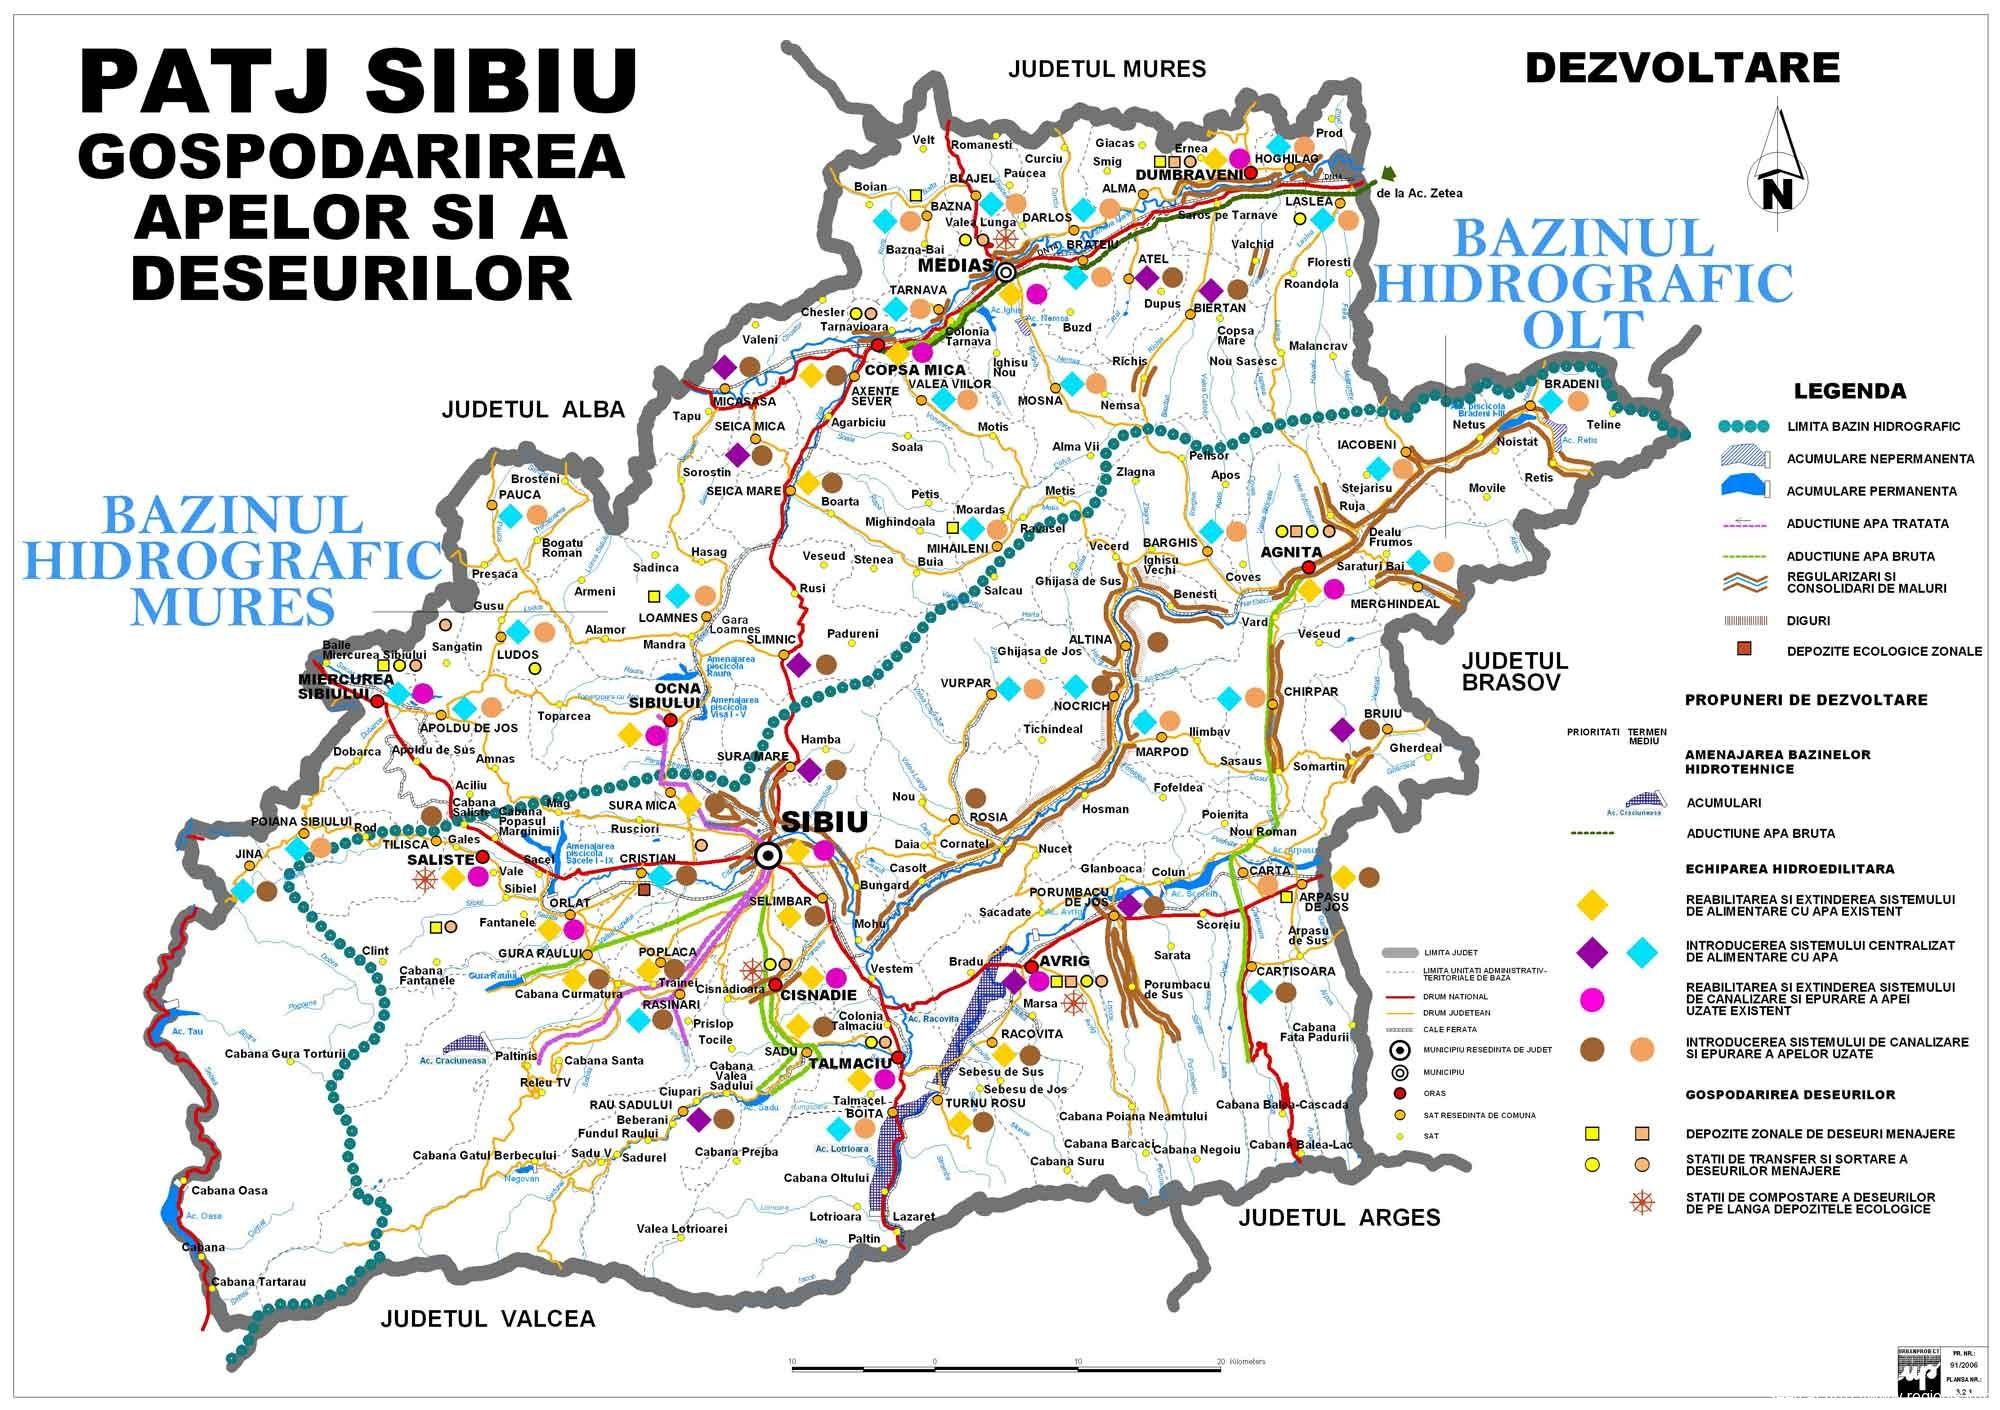 Judetul Sibiu Harta Depozitelor De Deseuri Harti Wansait Com